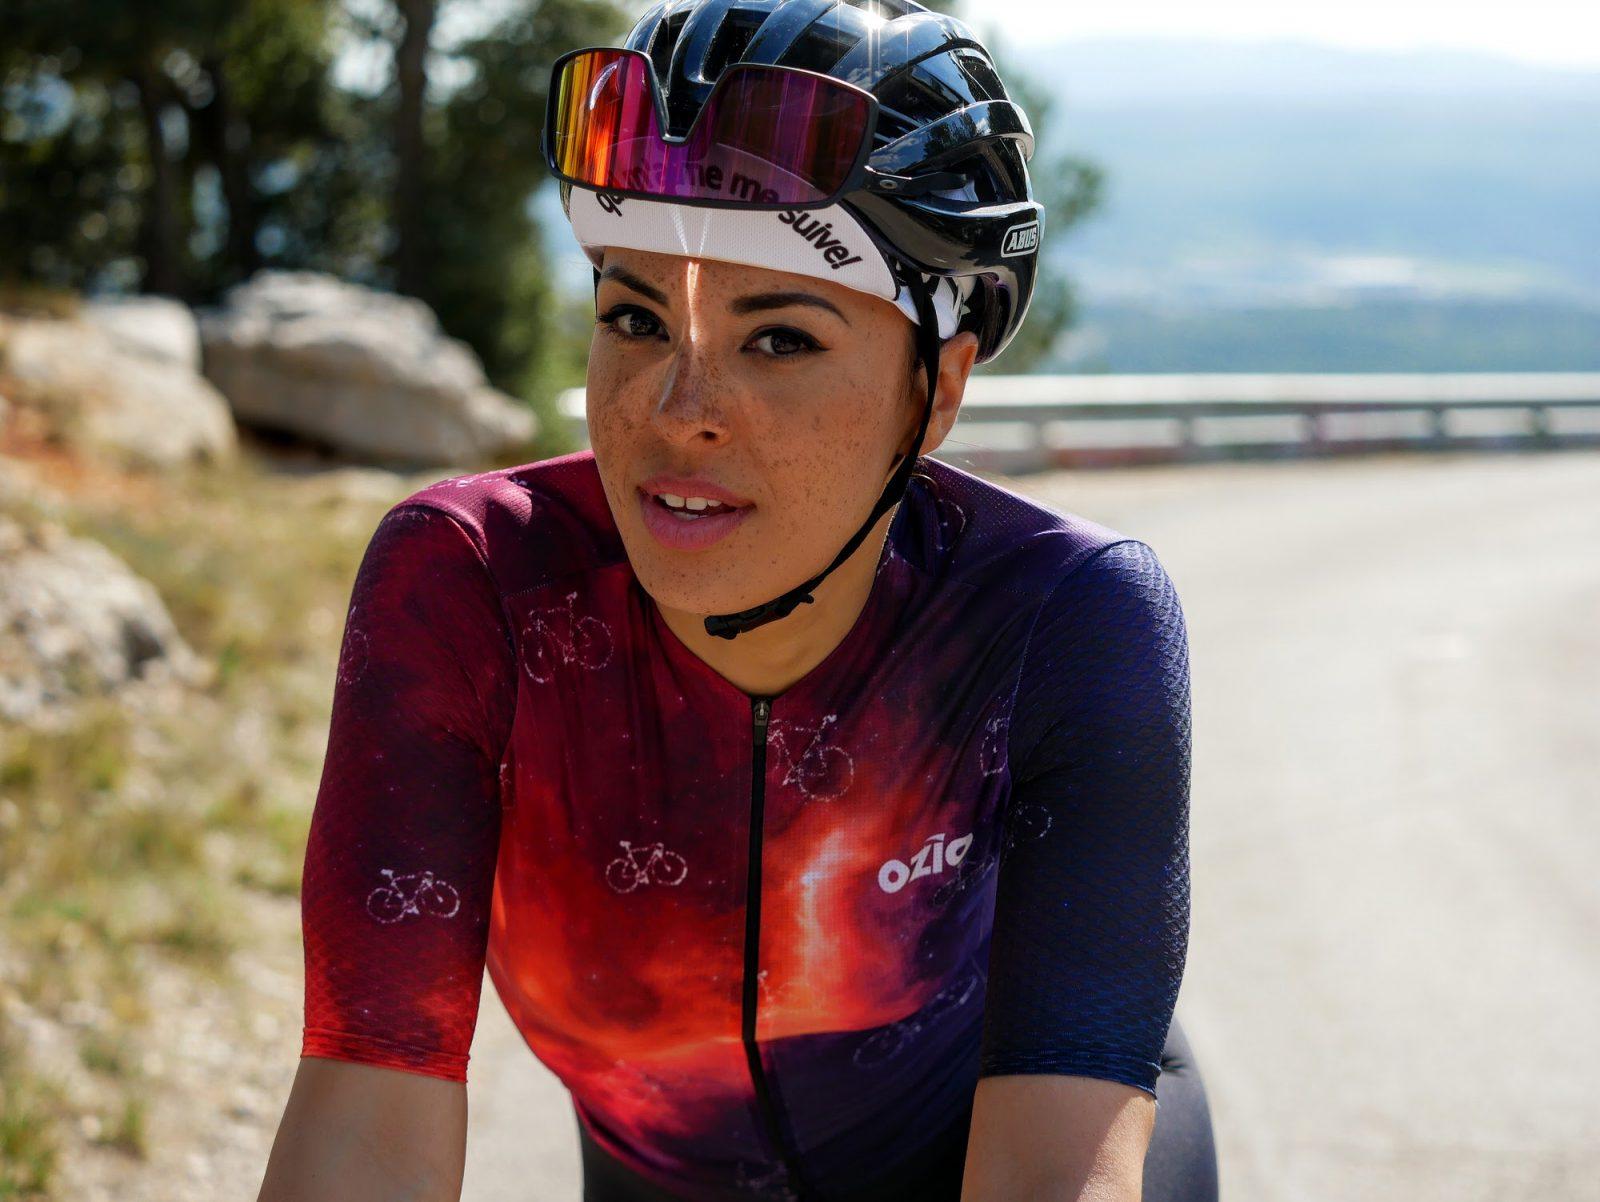 Maillot de vélo été femme original OZIO